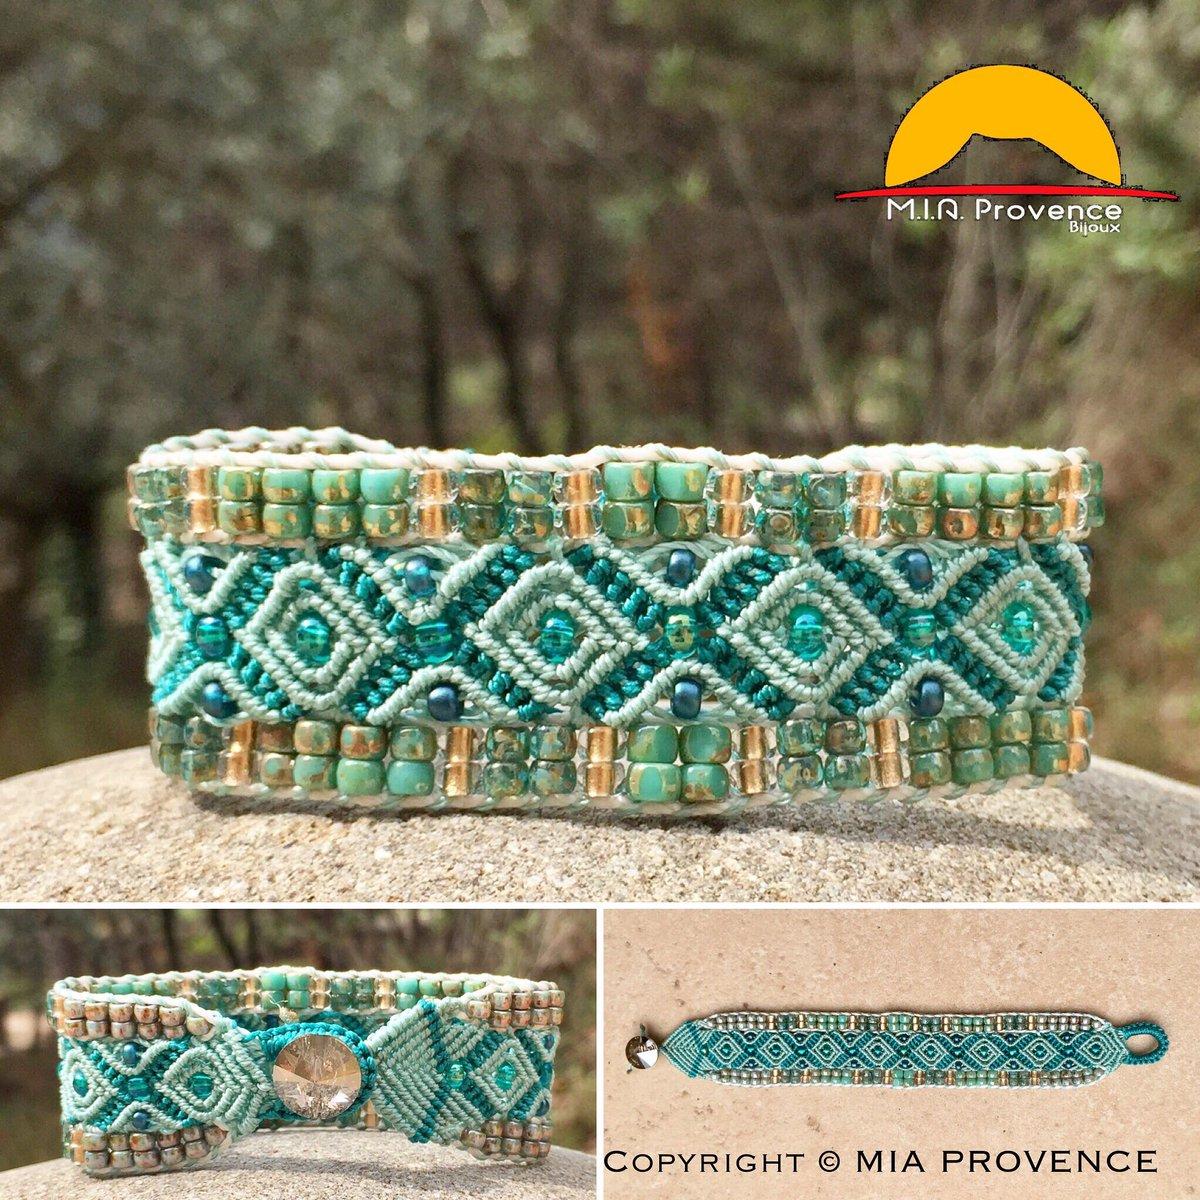 #Nouveau modèle de #bracelet #femmme en #micromacramé #vert #turquoise et #doré Bouton #cristal #Swarovski #bijoux #créatrice #madeinFrance <br>http://pic.twitter.com/DM97fFBzZy